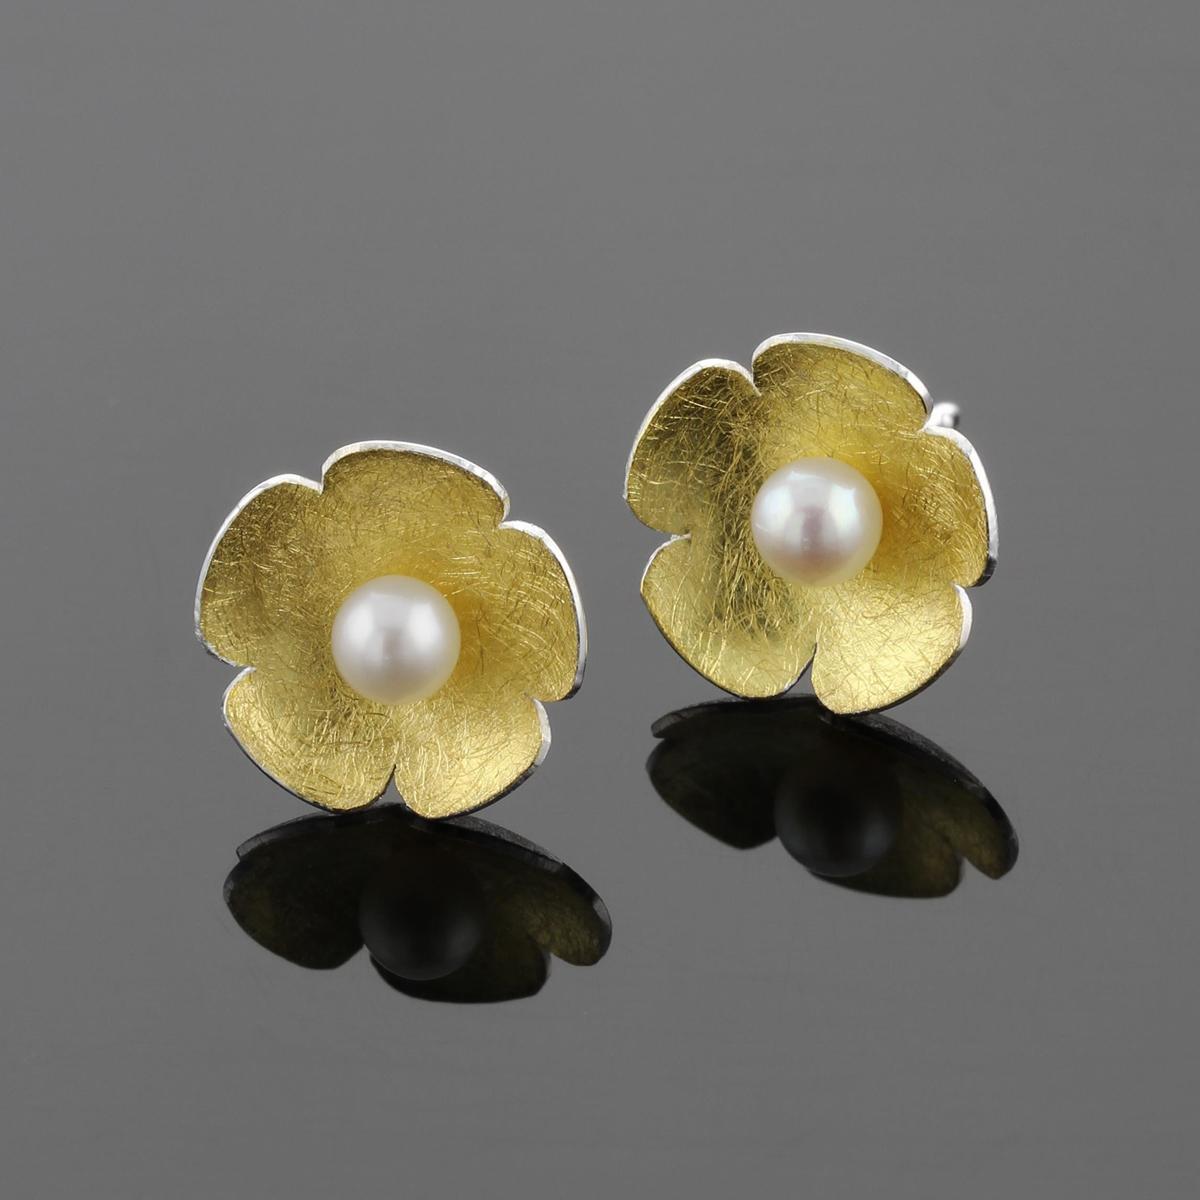 Unique silver and gold designs